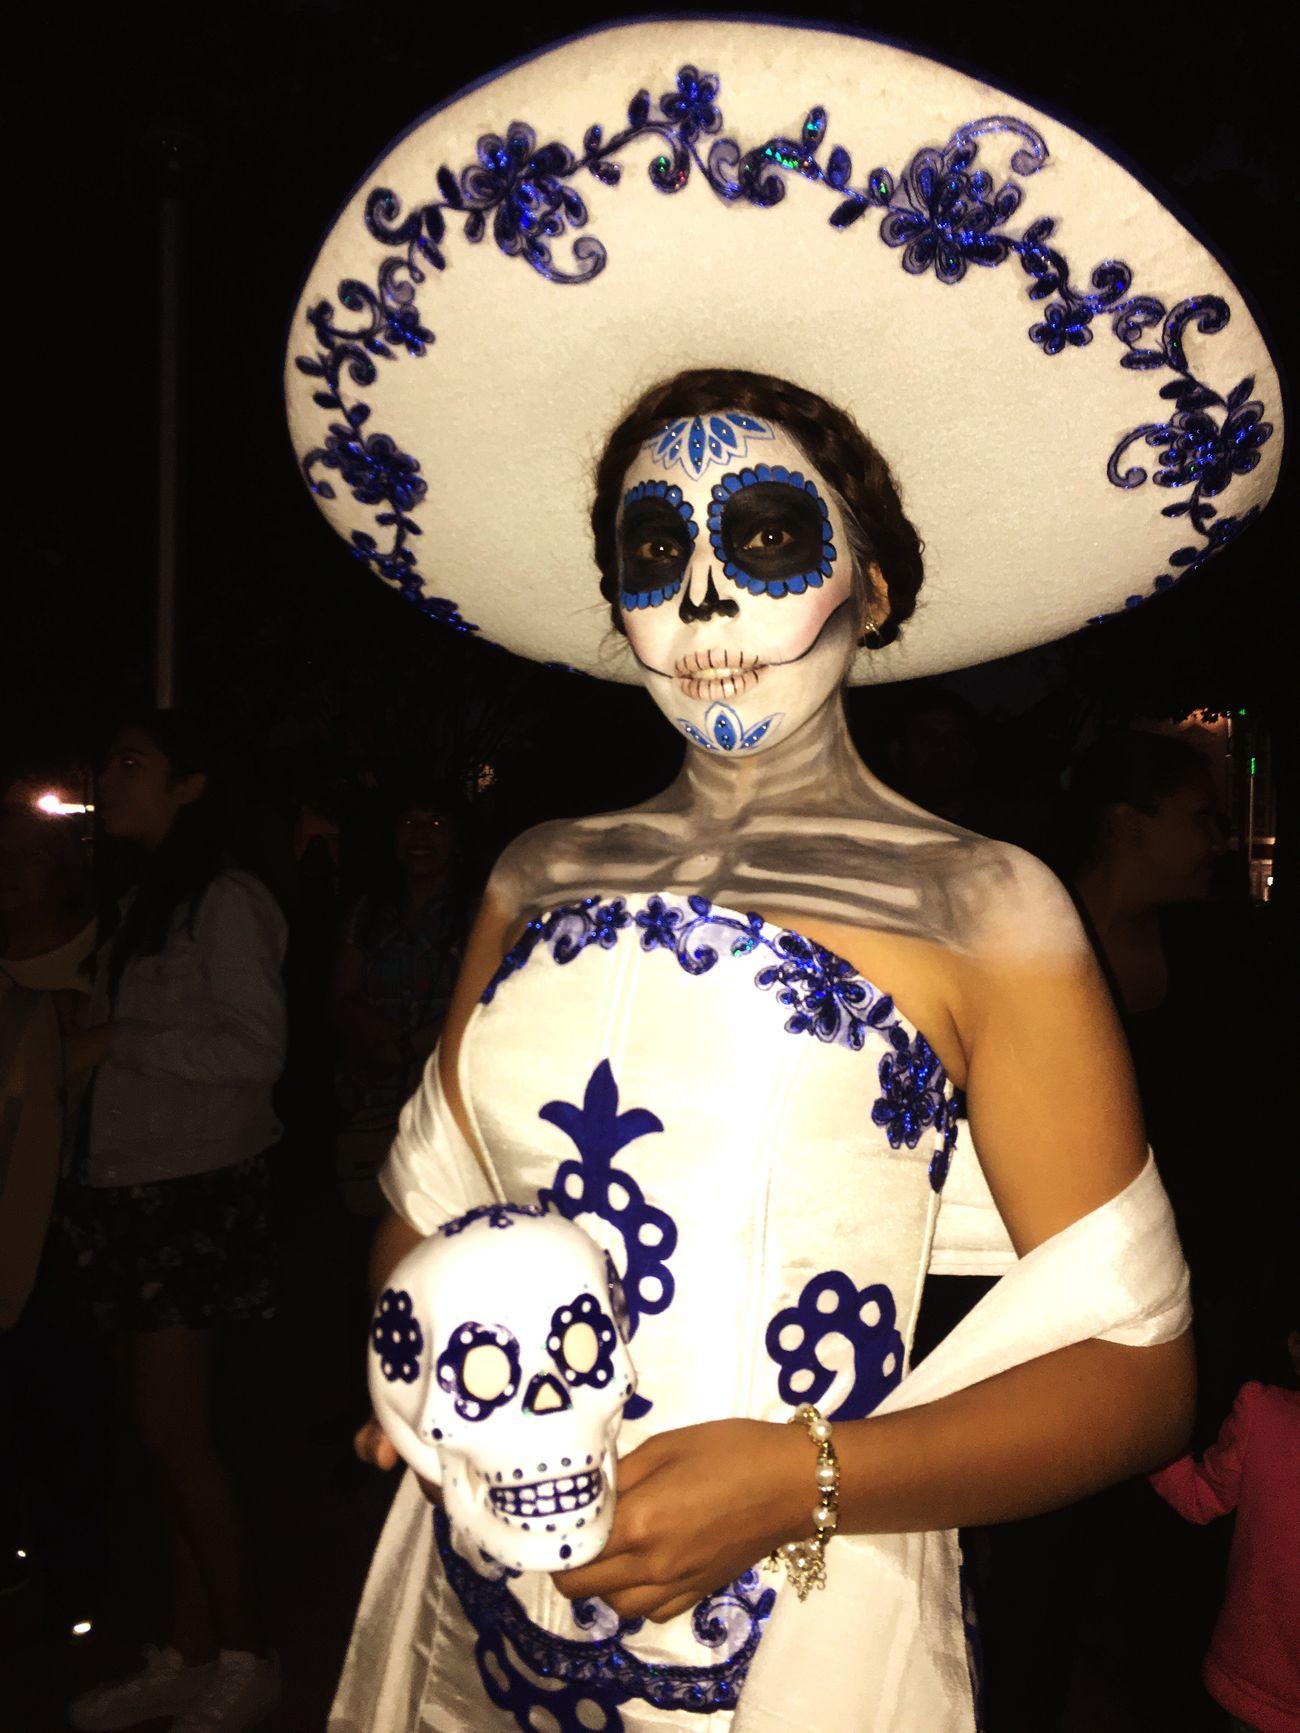 Jalisco se viste de muerte... One Person Calaveras Holiday - Event FreeTime Spooky Disfrutando De La Vida